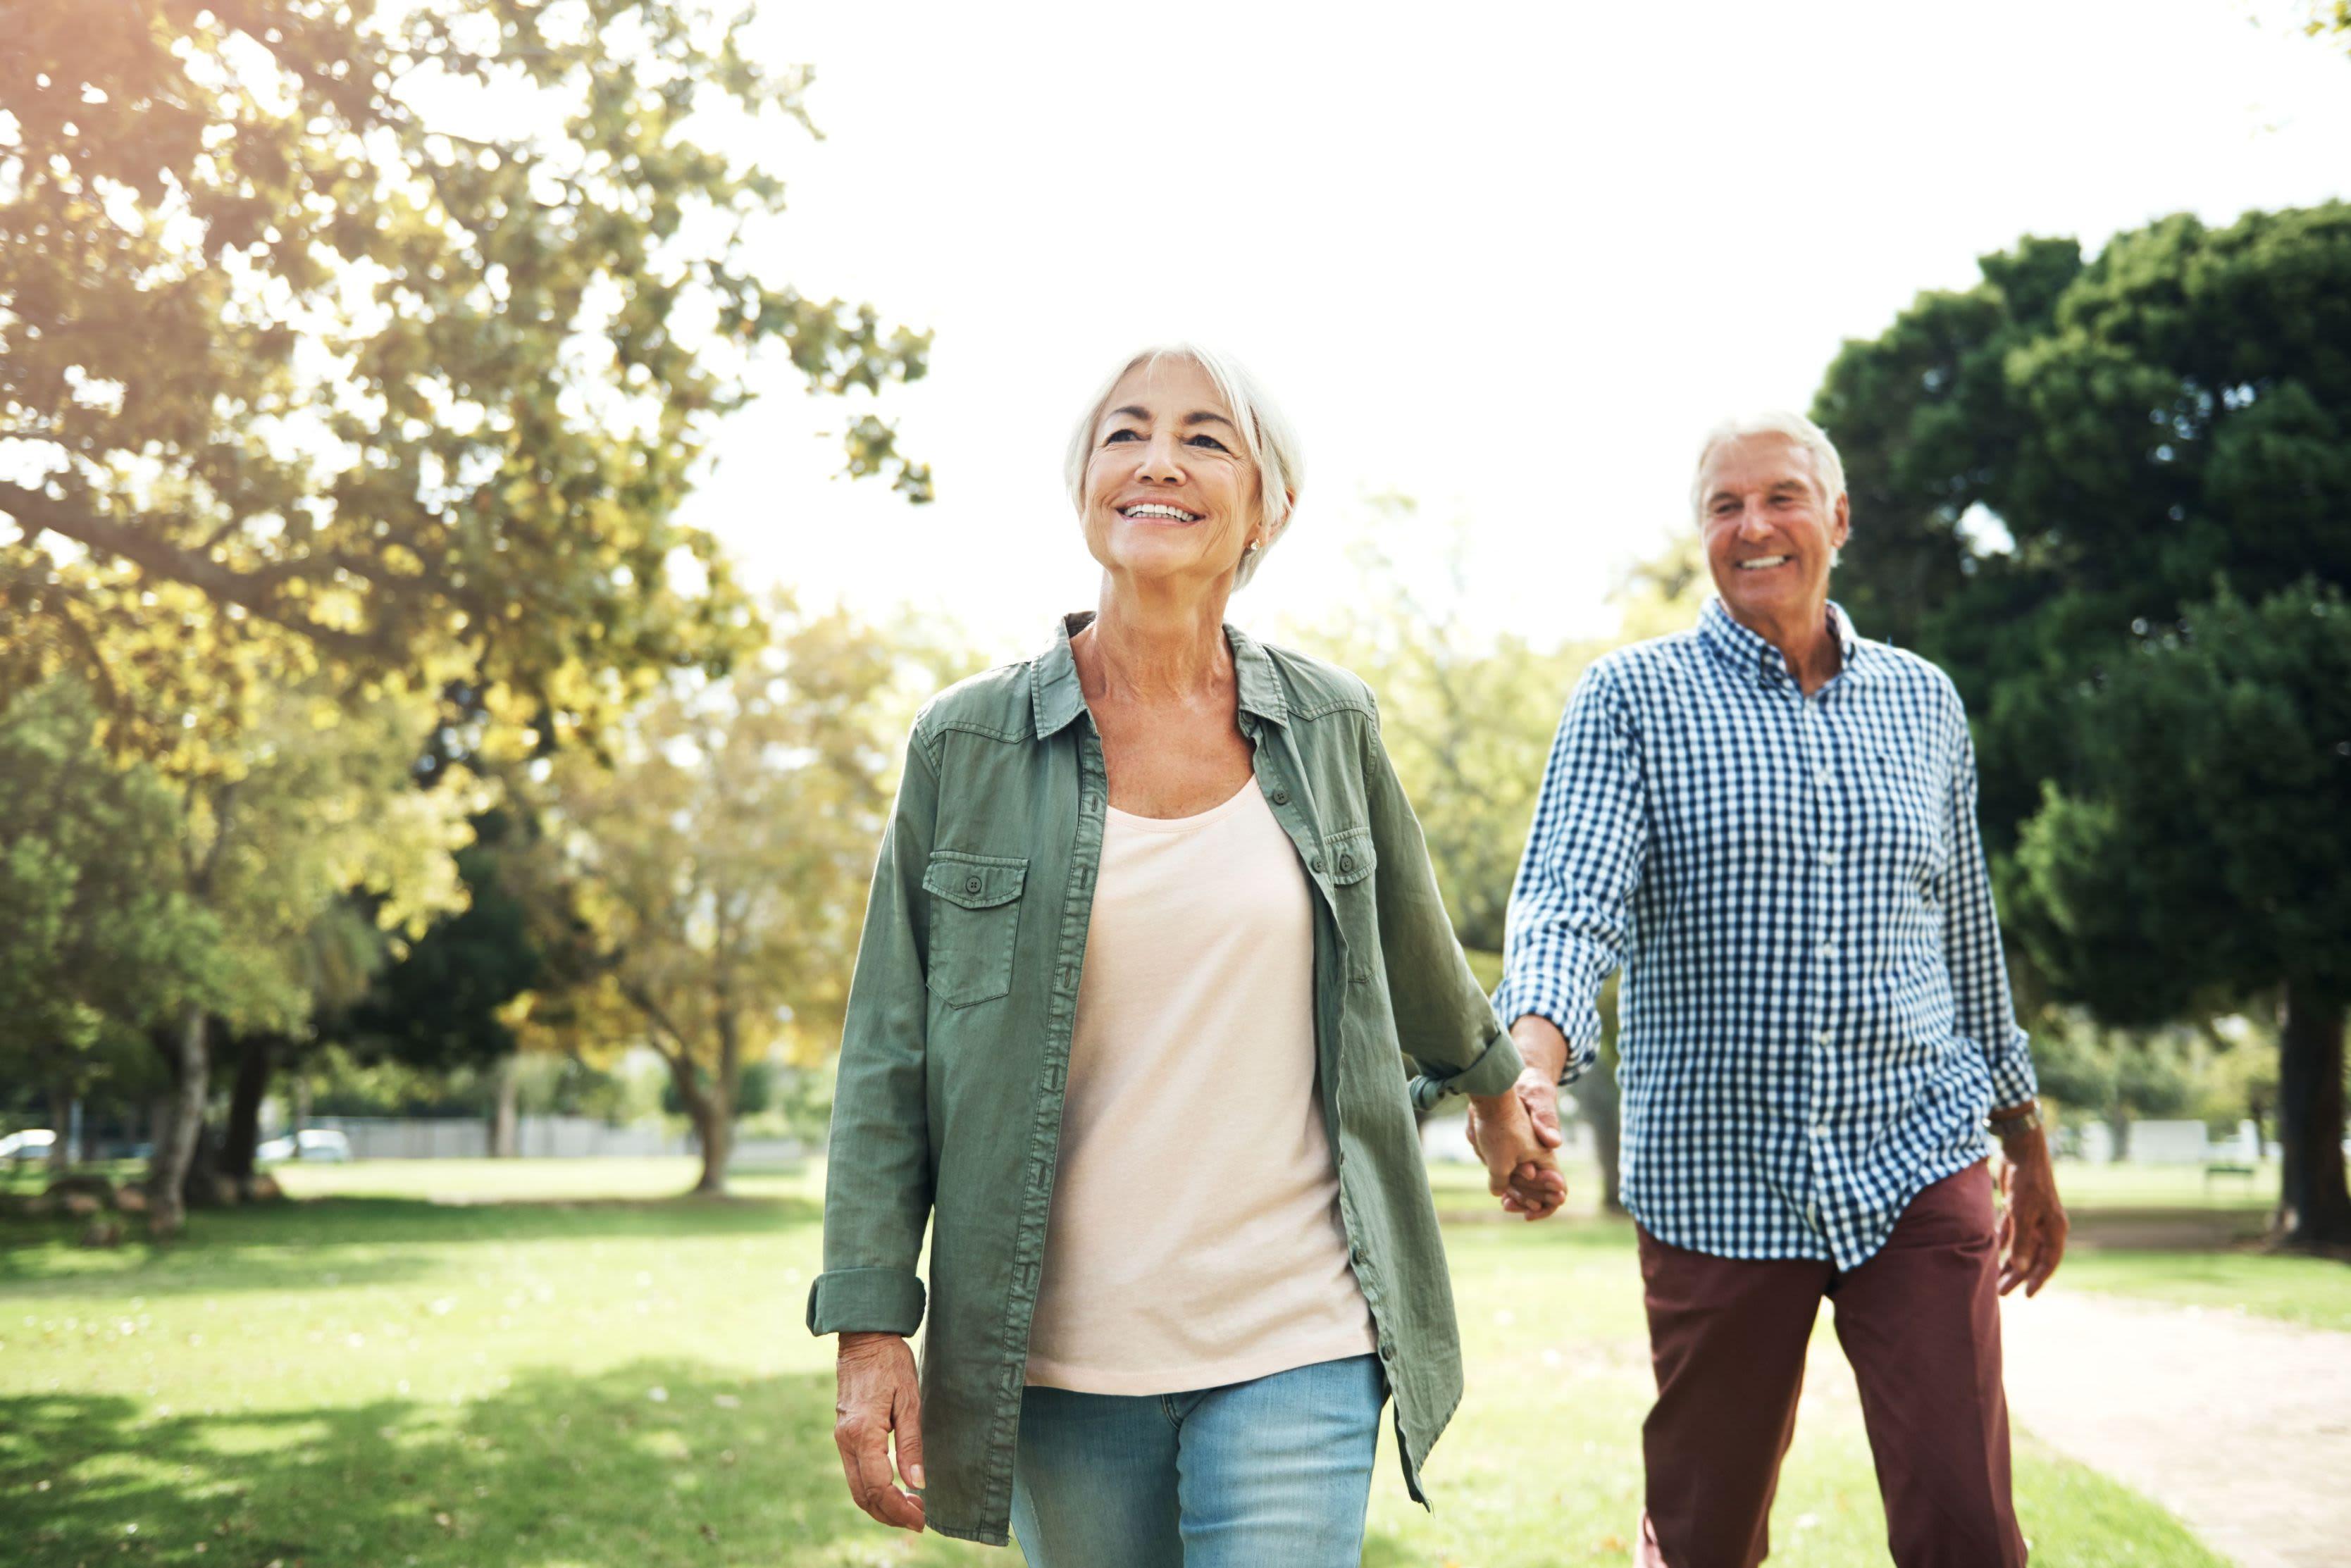 Residents taking a walk in a park near Marquis Rockwall in Rockwall, Texas